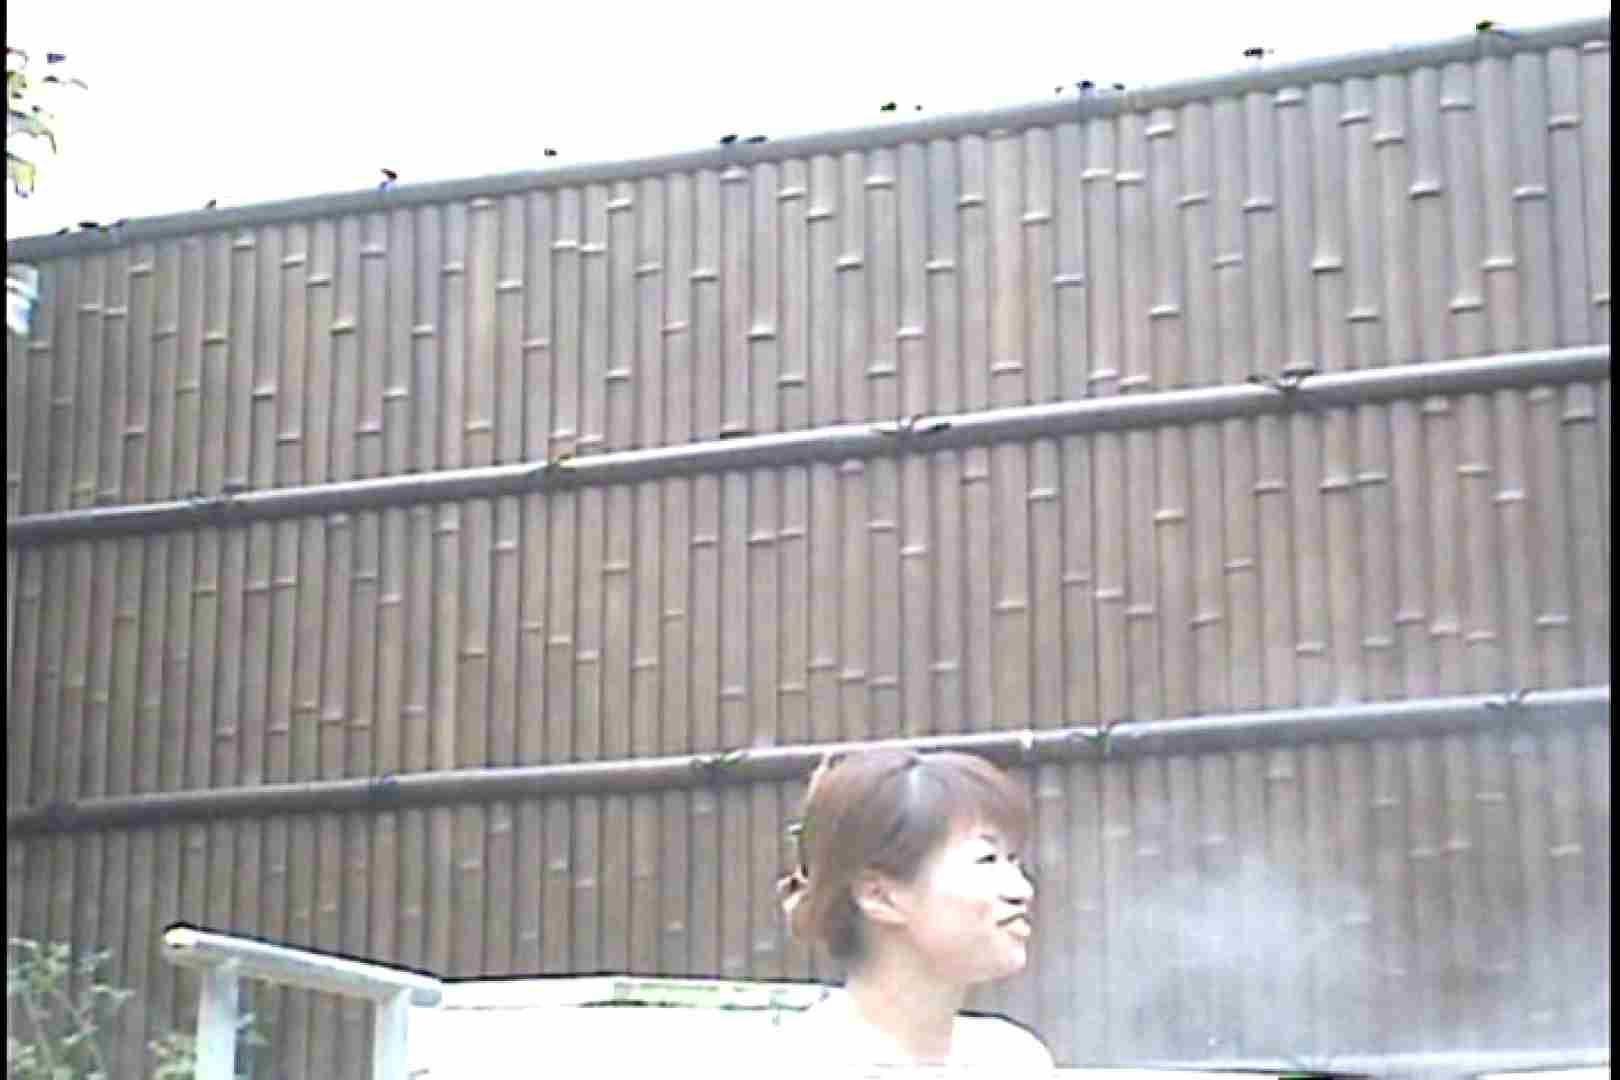 潜入女風呂 がっかり編Vol.1 女子風呂  75枚 7